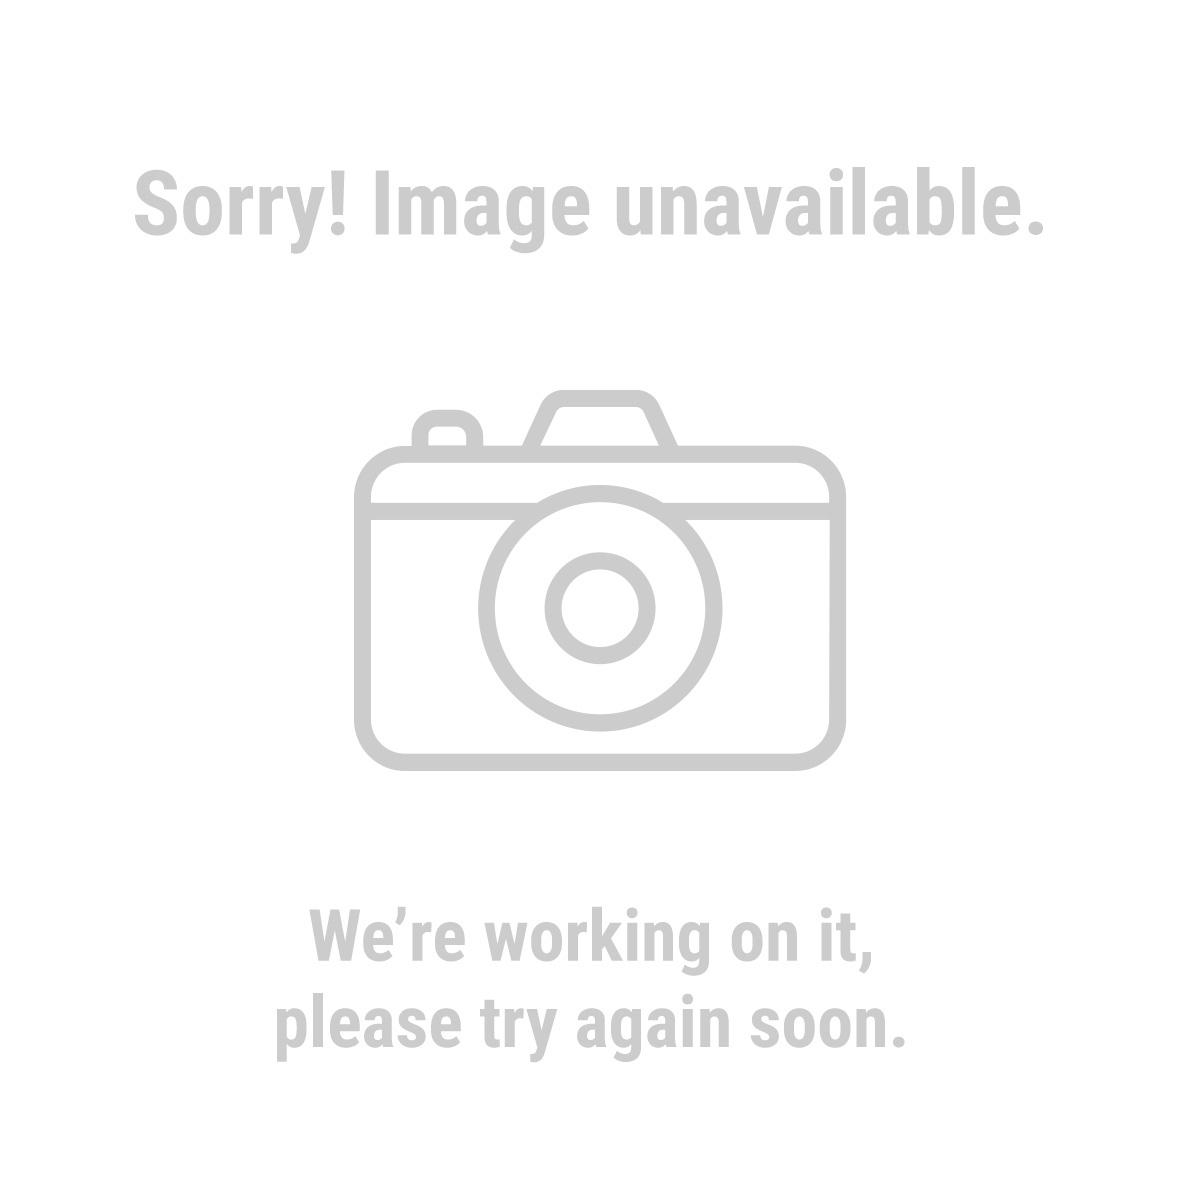 Storehouse 95807 ABS Storage Organizer